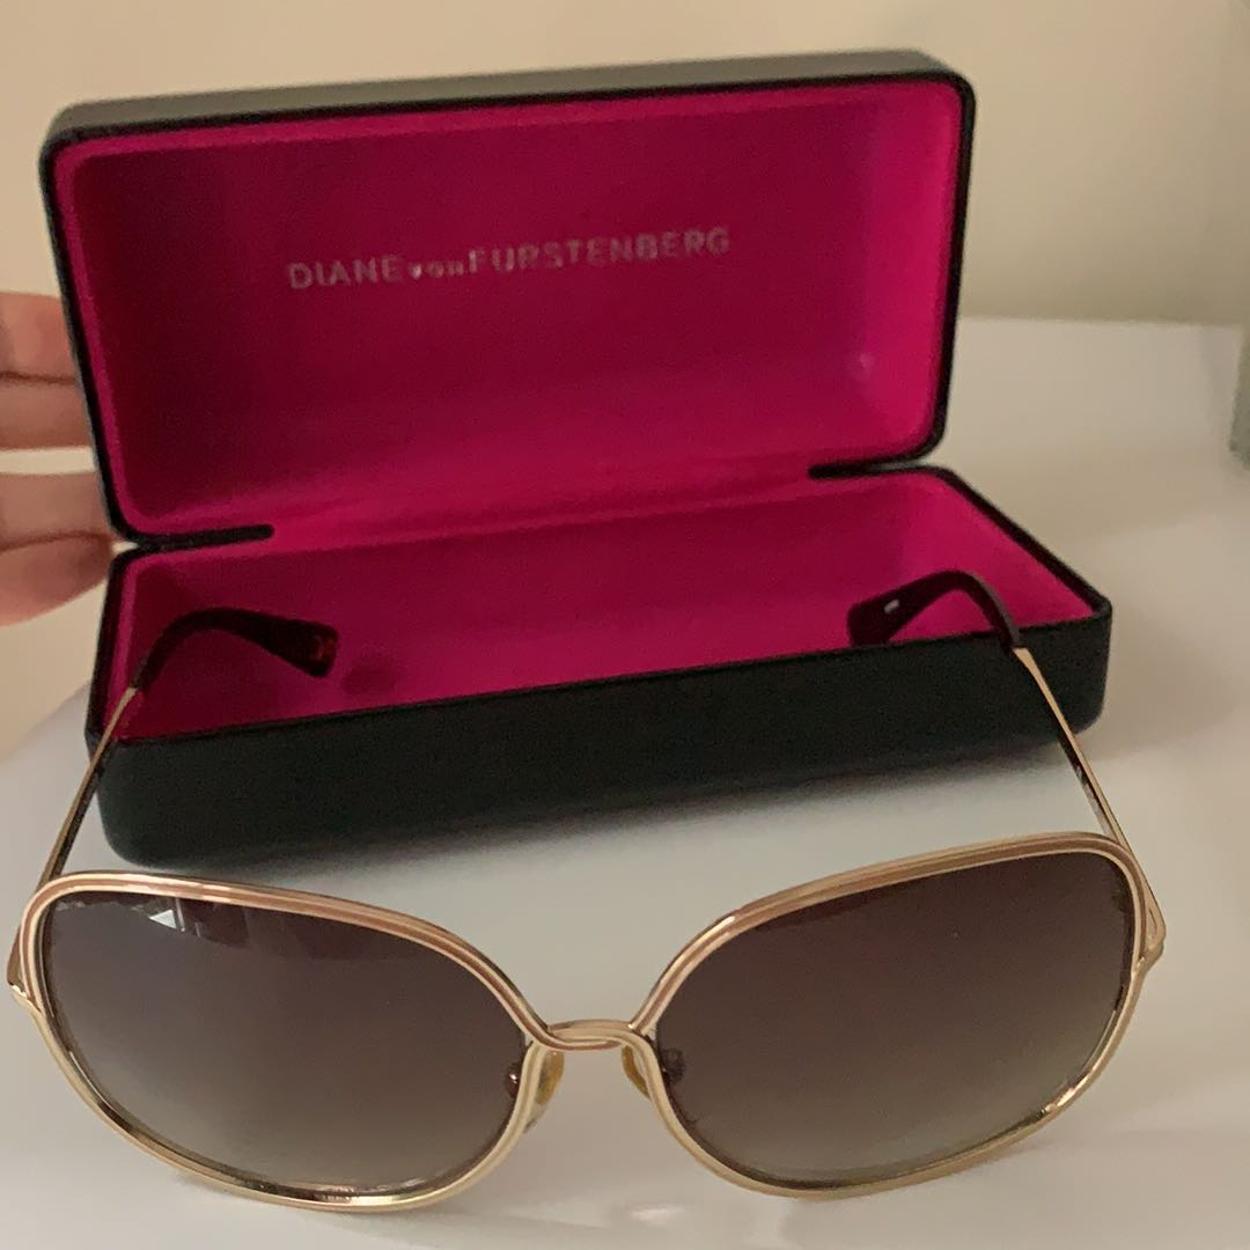 Diane Von Furstenberg Gözlük